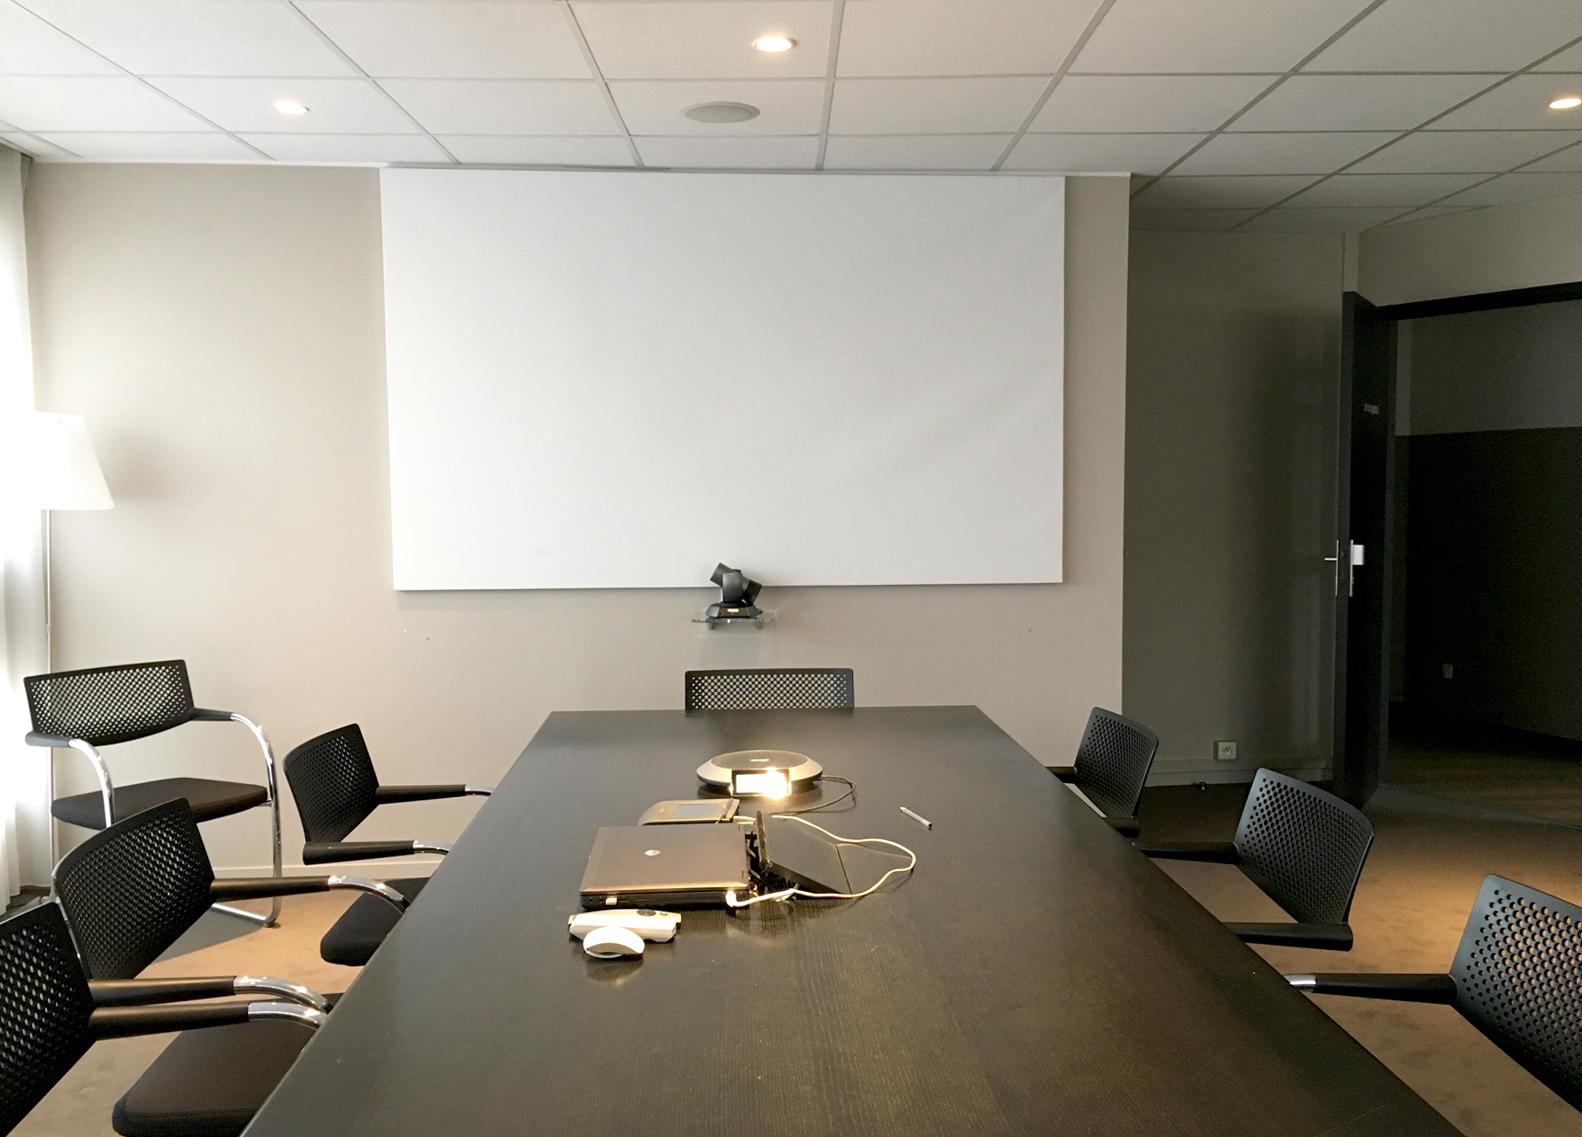 Caméra installée sur l'écran rétractable du vidéoprojecteur